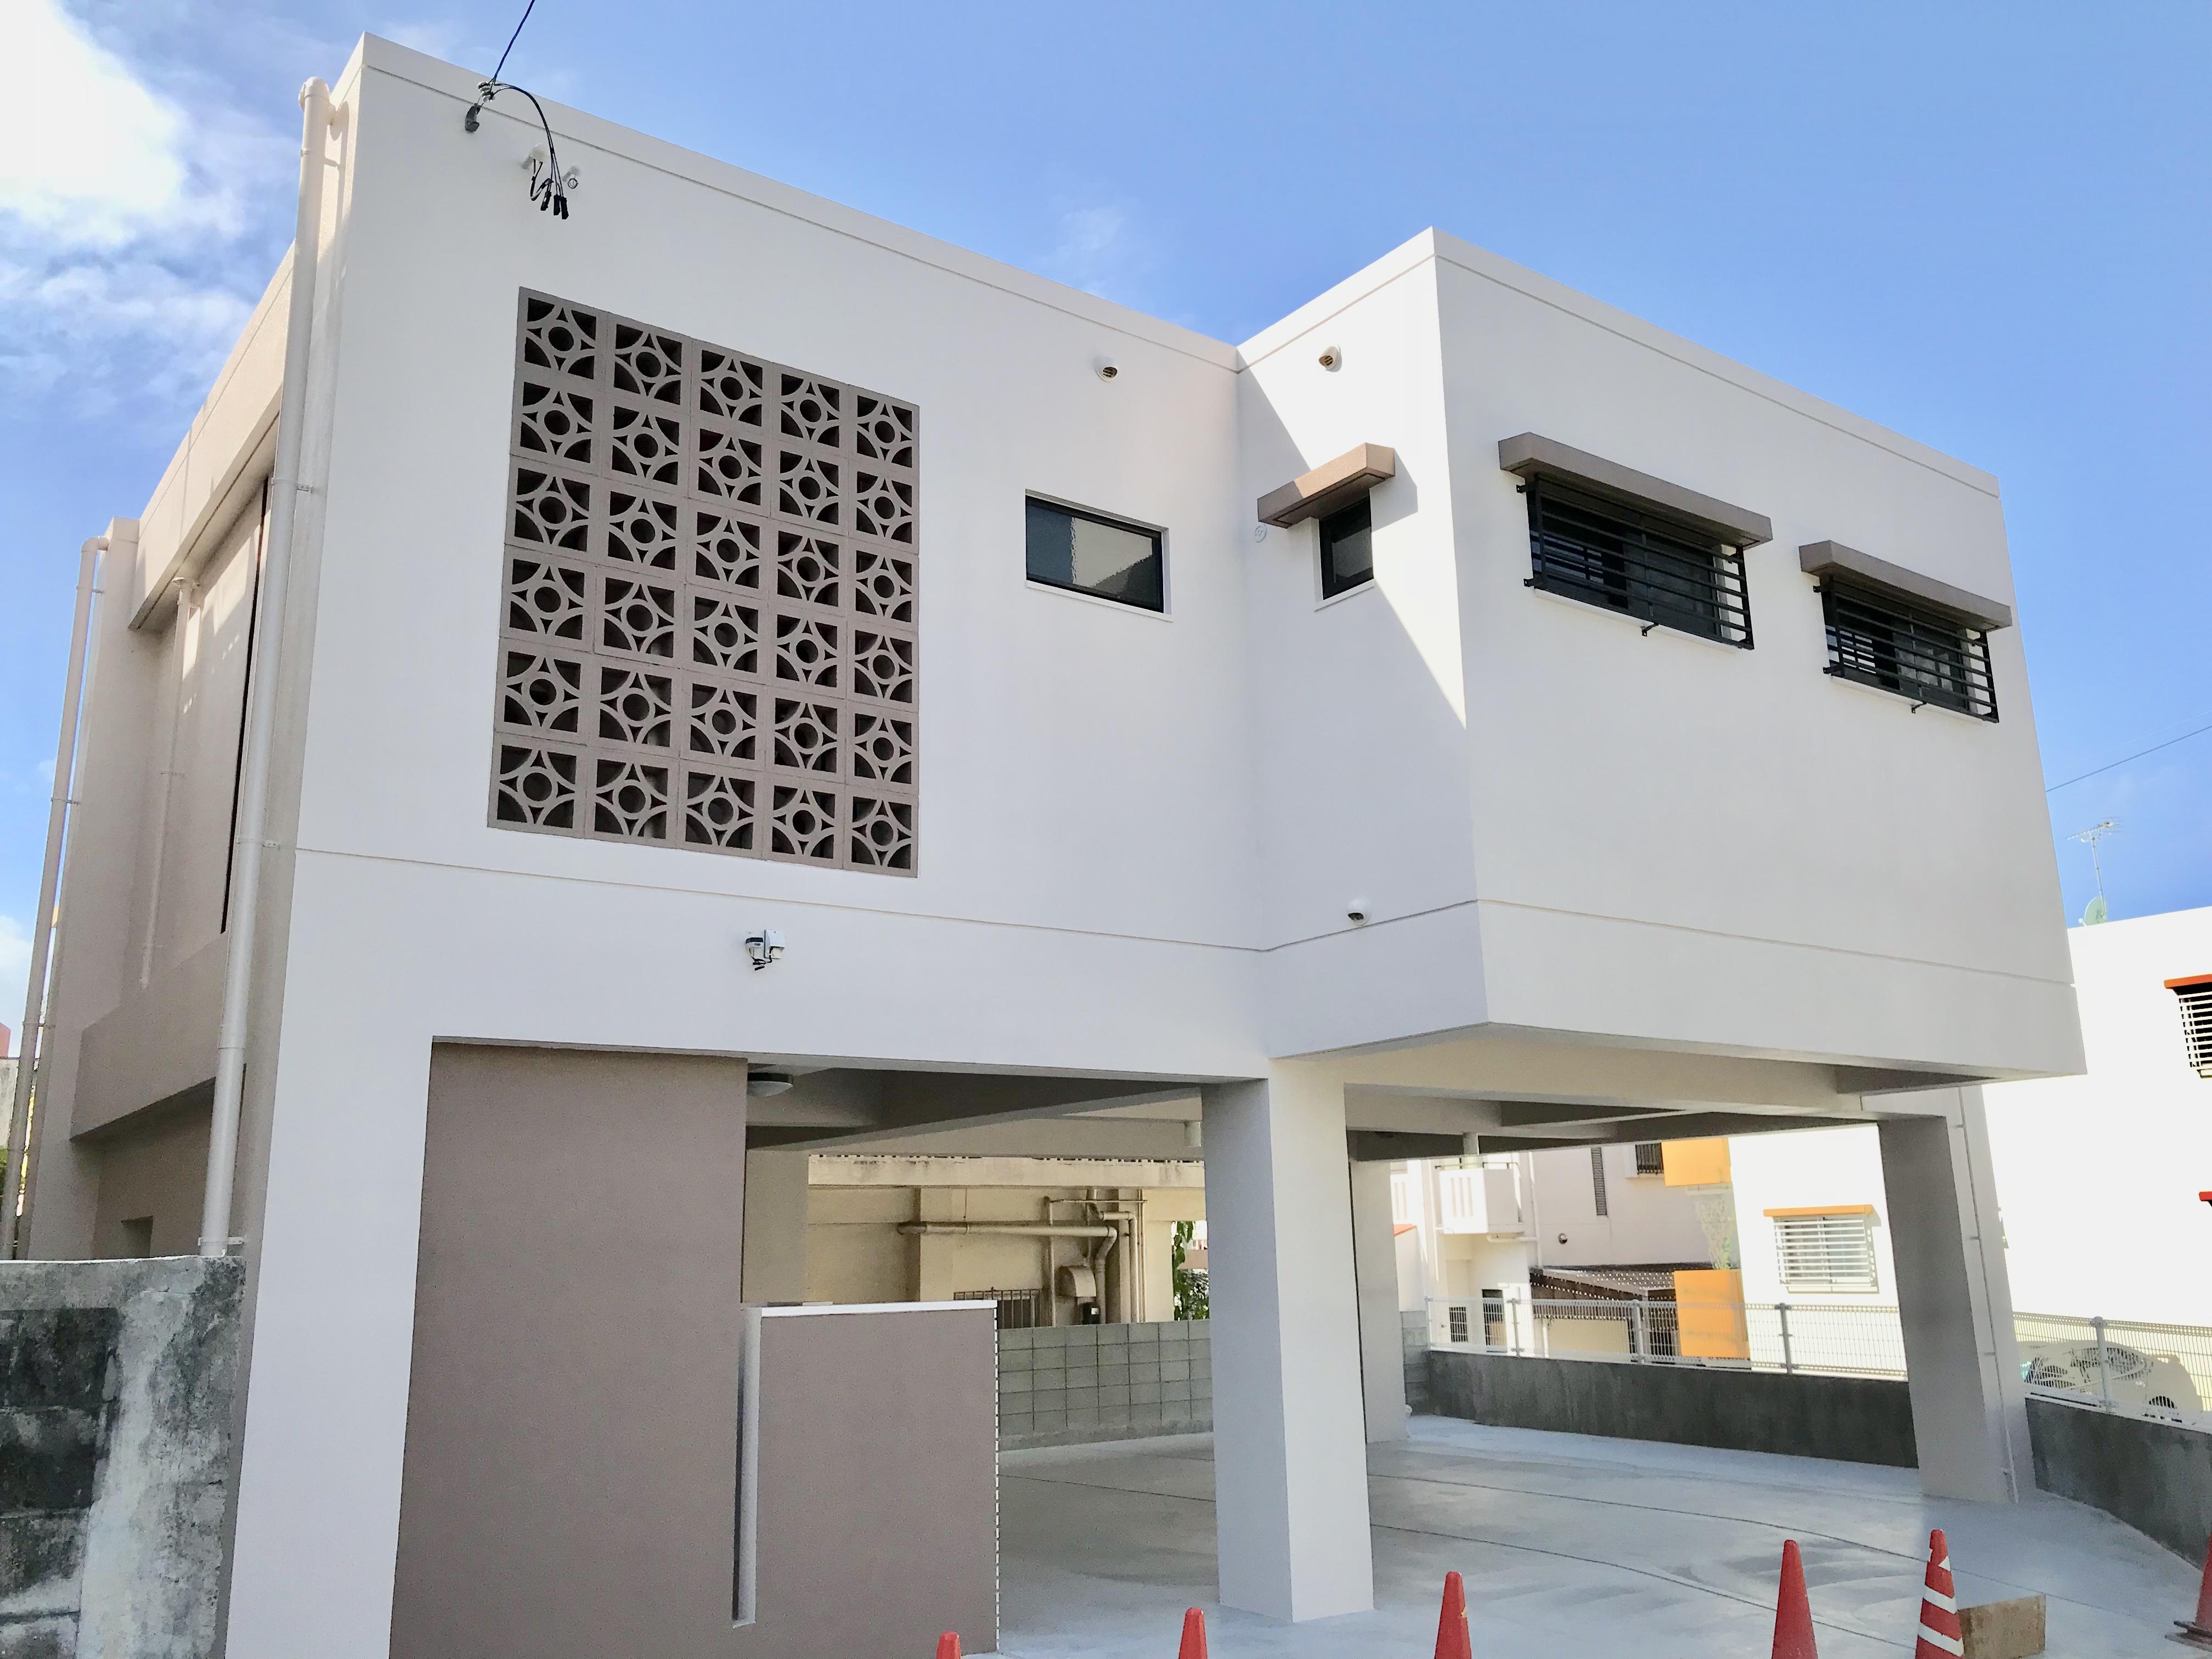 那覇市首里石嶺町にてオープンハウス&無料住宅相談会を開催!